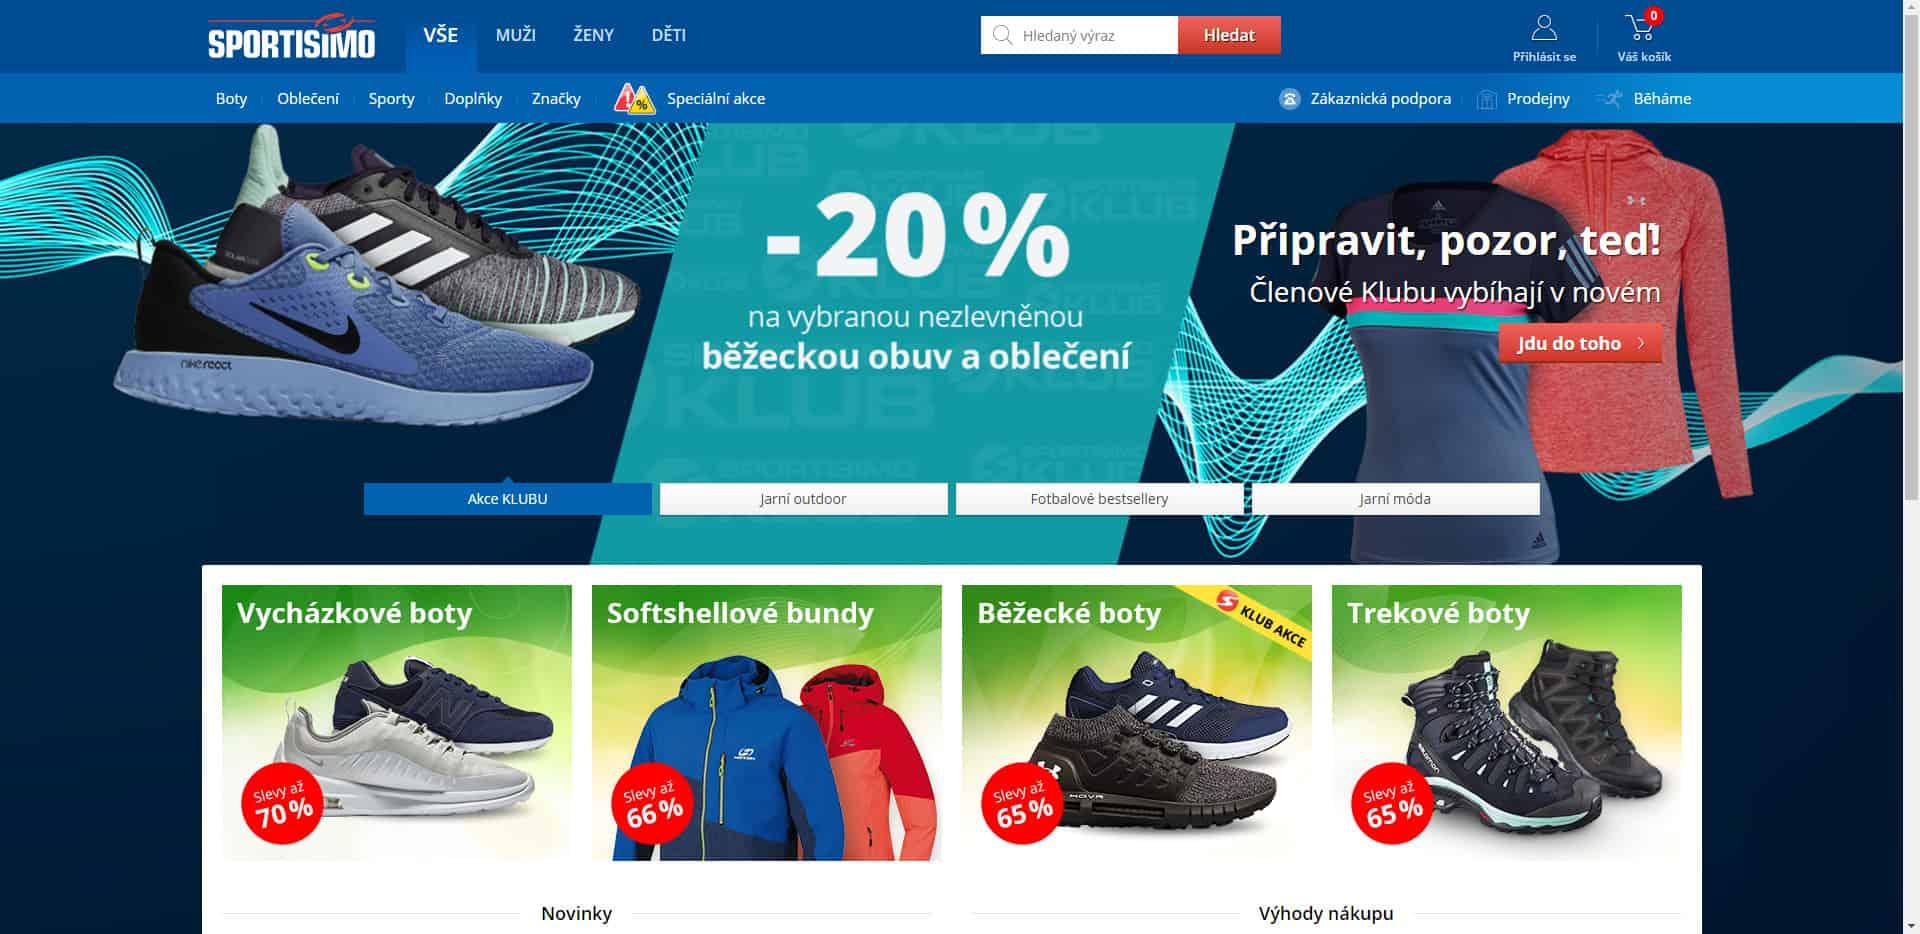 d23ebdefd Sportisimo.cz – recenze e-shopu, vrácení zboží, letáky, slevy ...